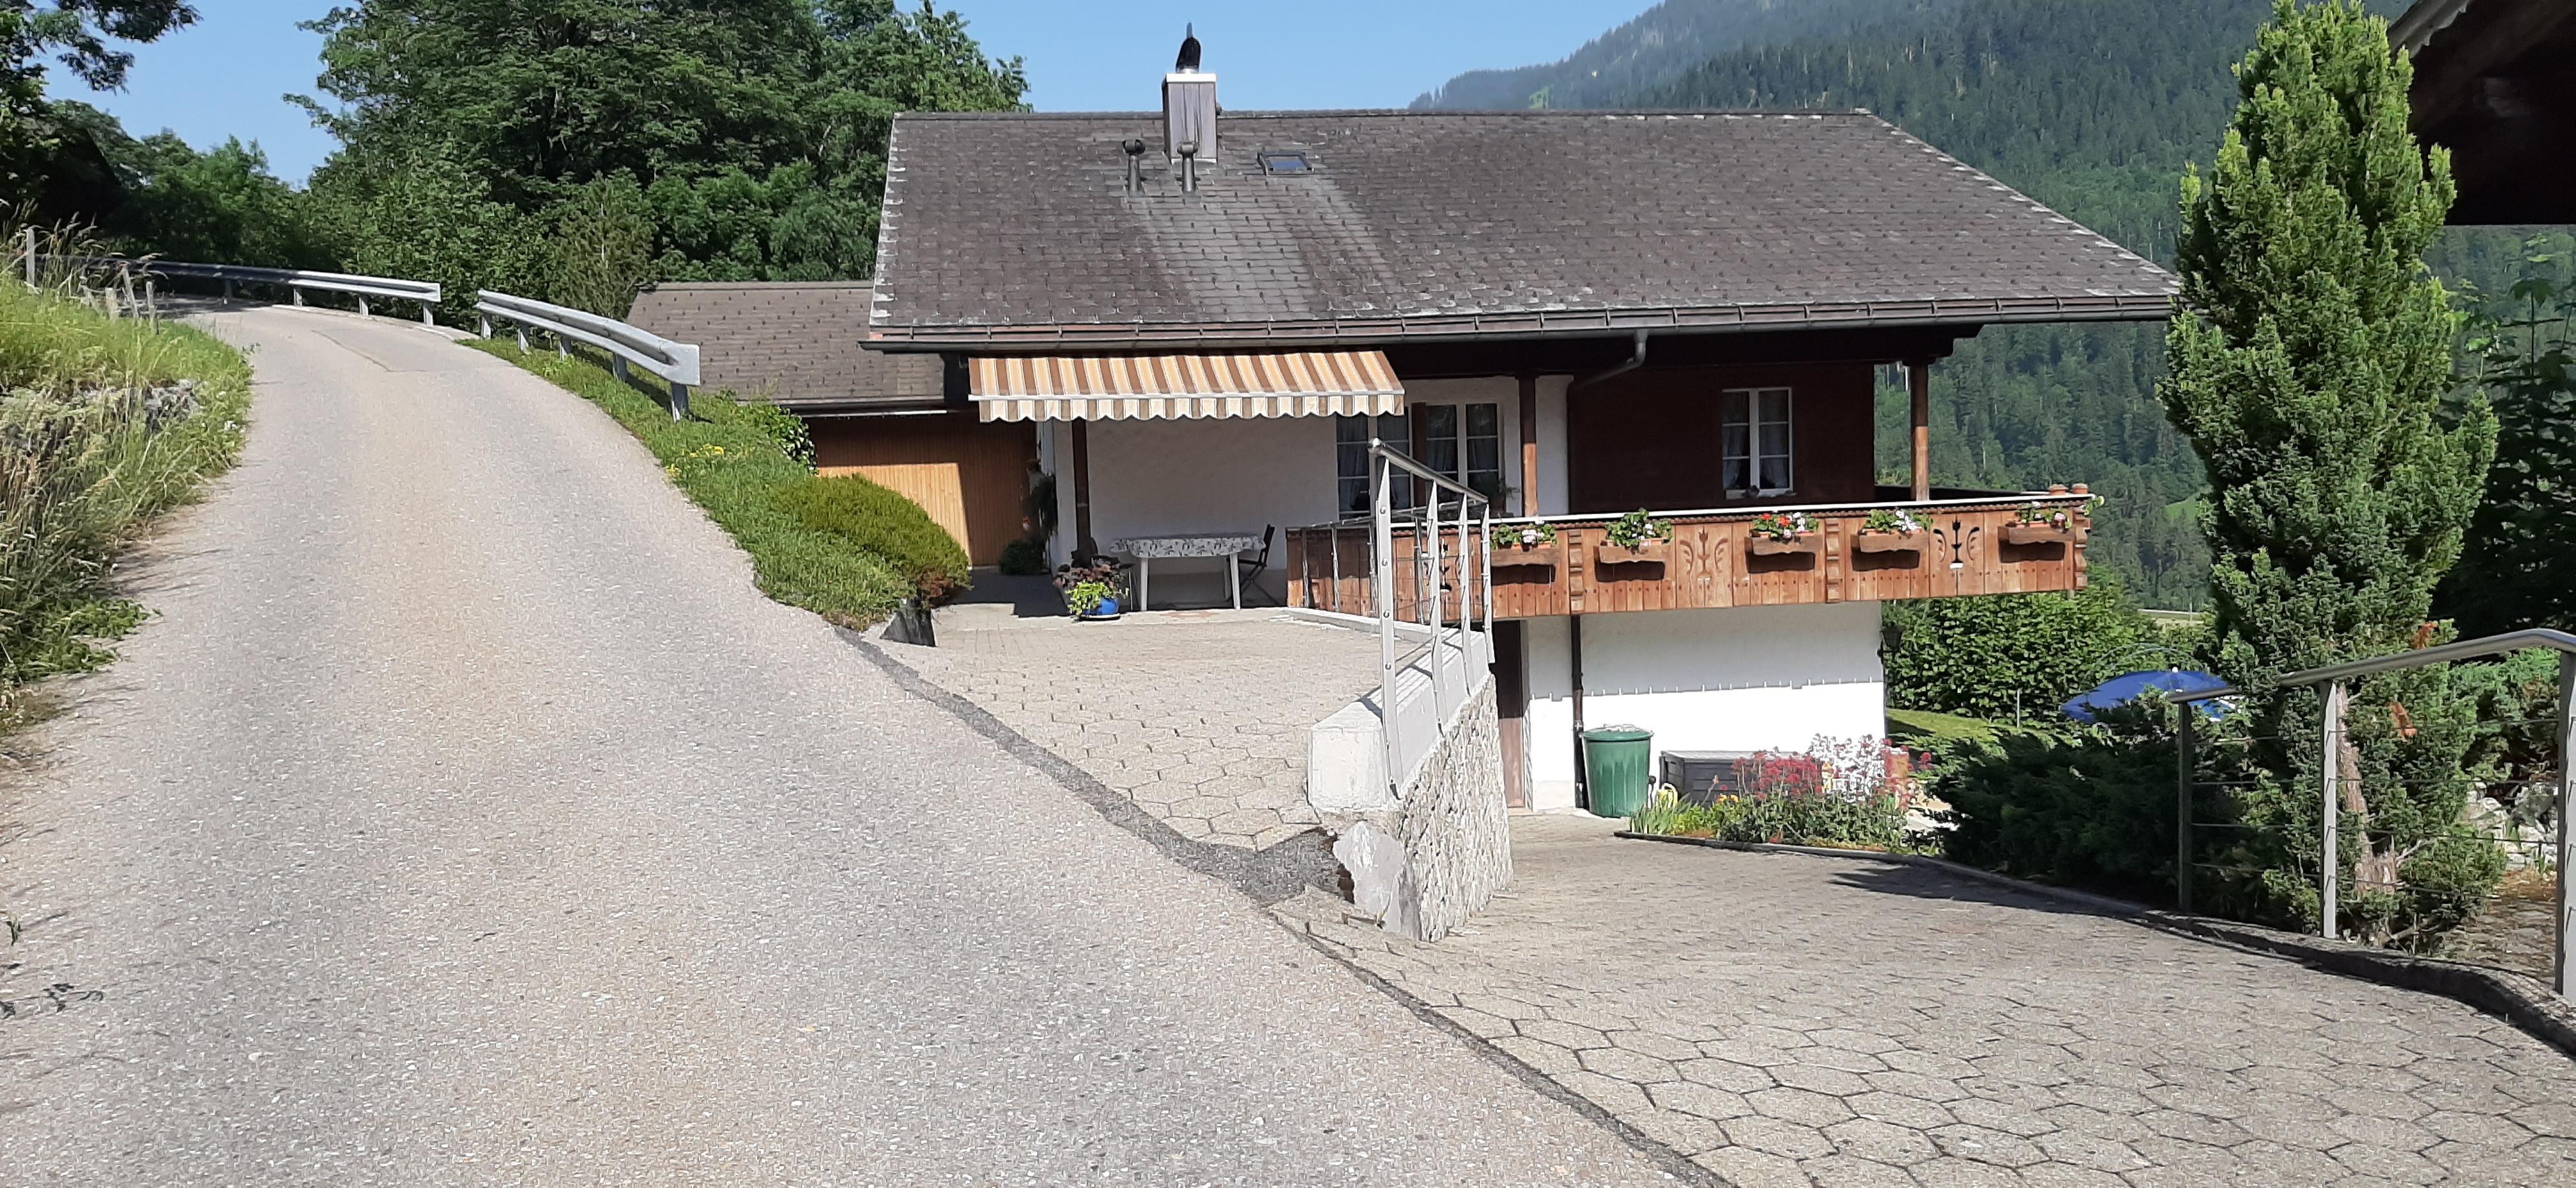 Appartement de vacances Steini 2-4-Bett-Wohnung (1964997), Boltigen, Vallée de la Simme, Oberland bernois, Suisse, image 4